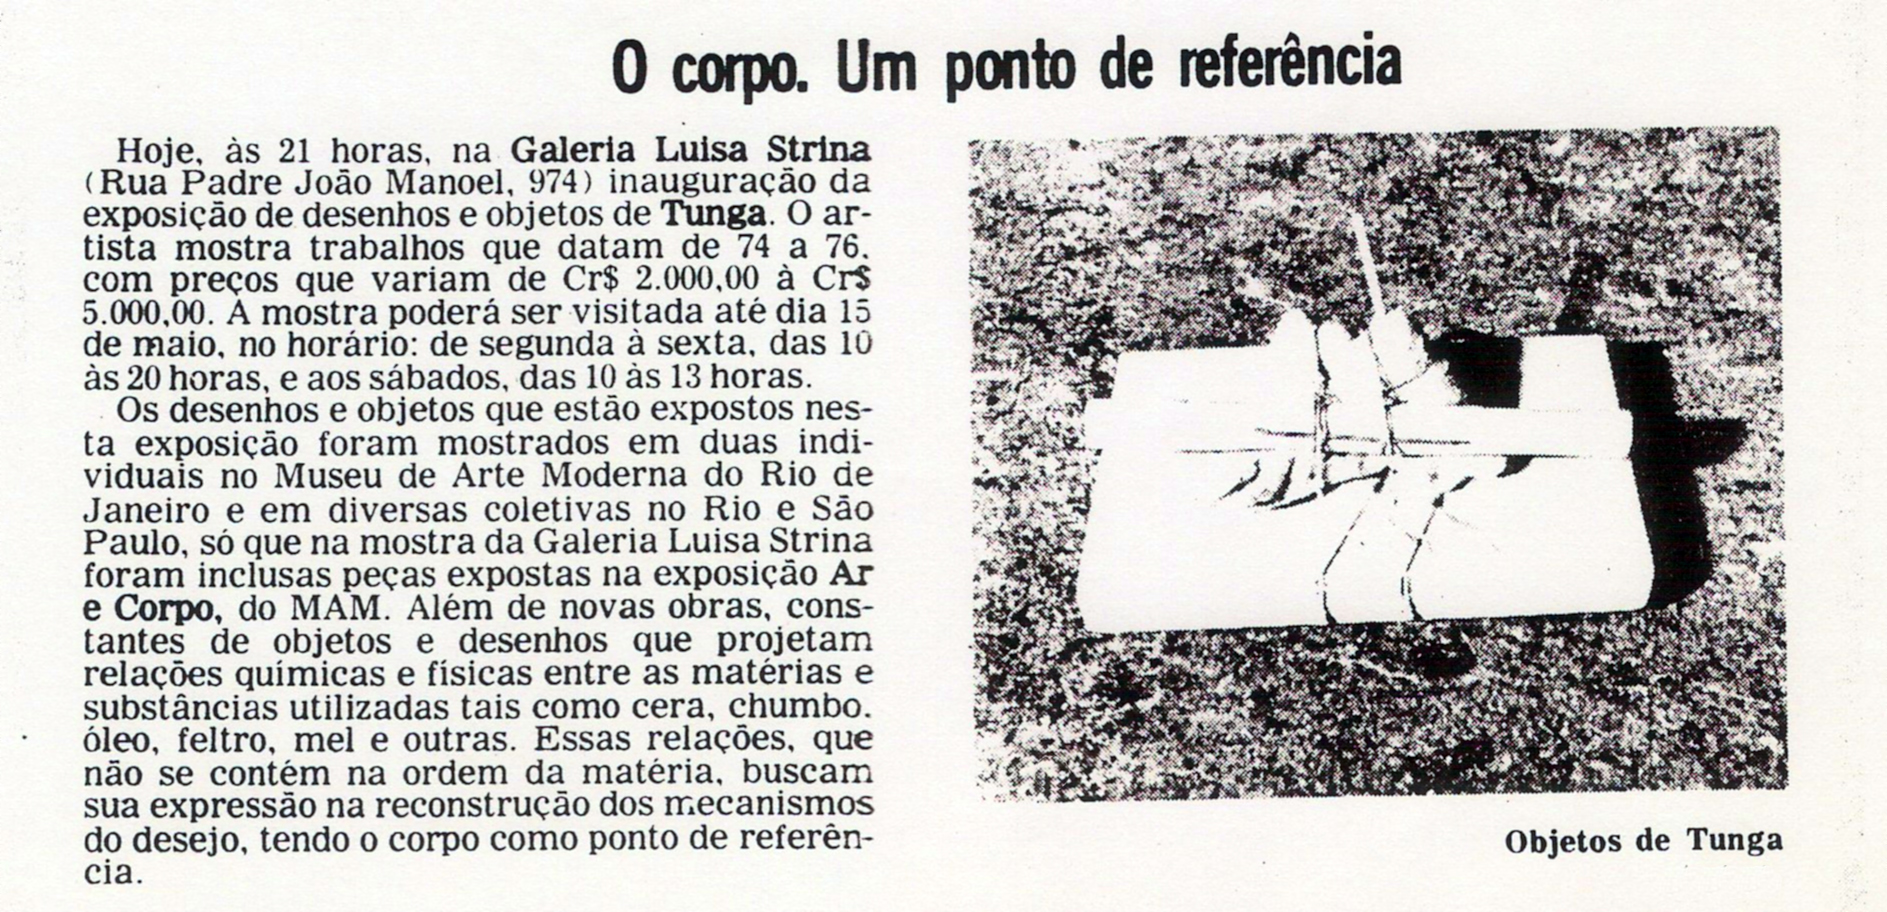 Galeria Luisa Strina